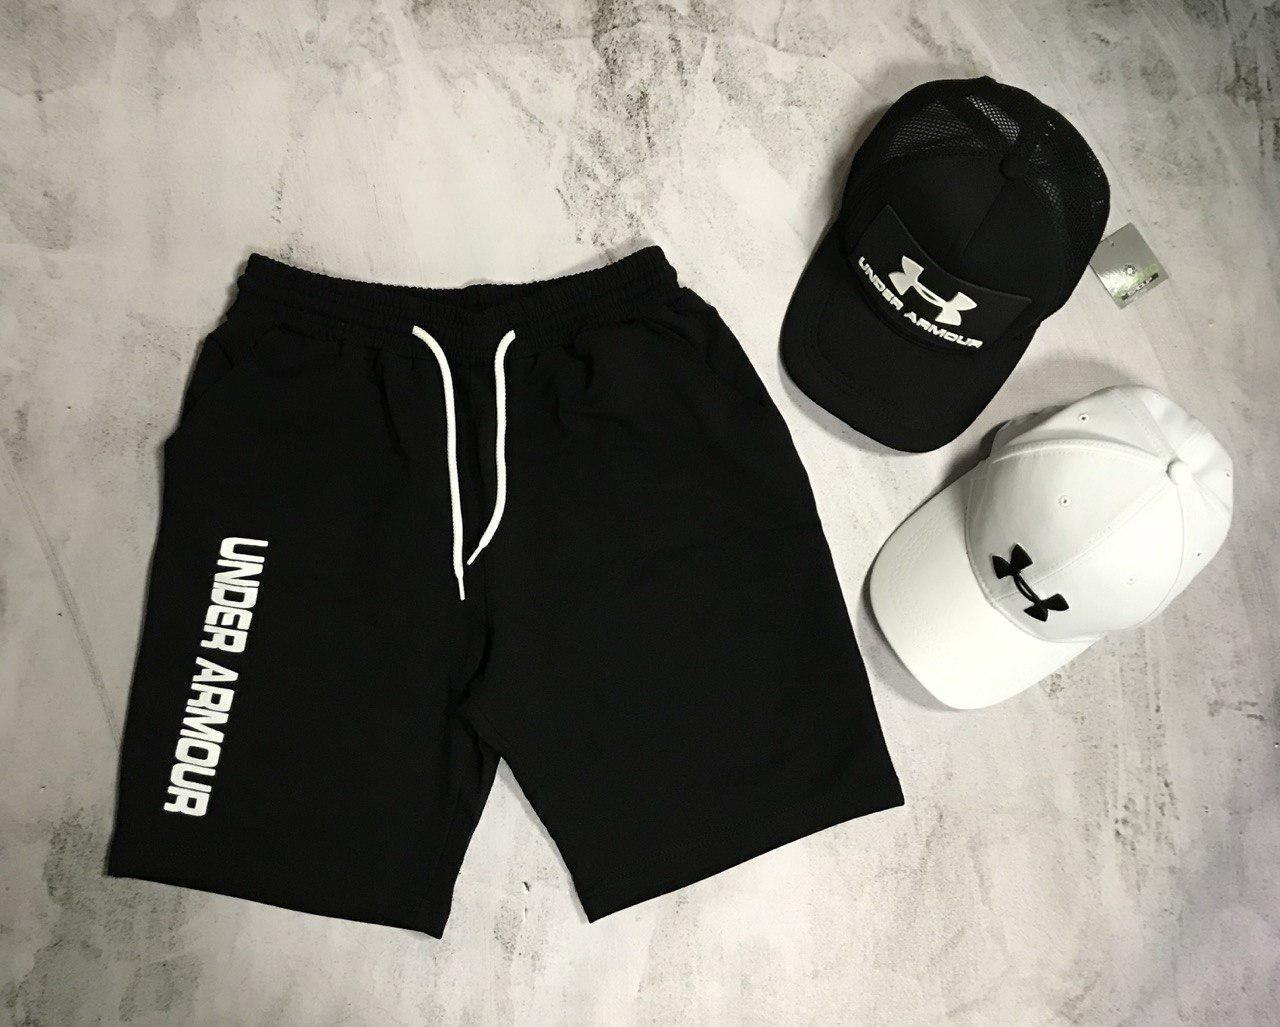 Спортивные мужские шорты Classic look